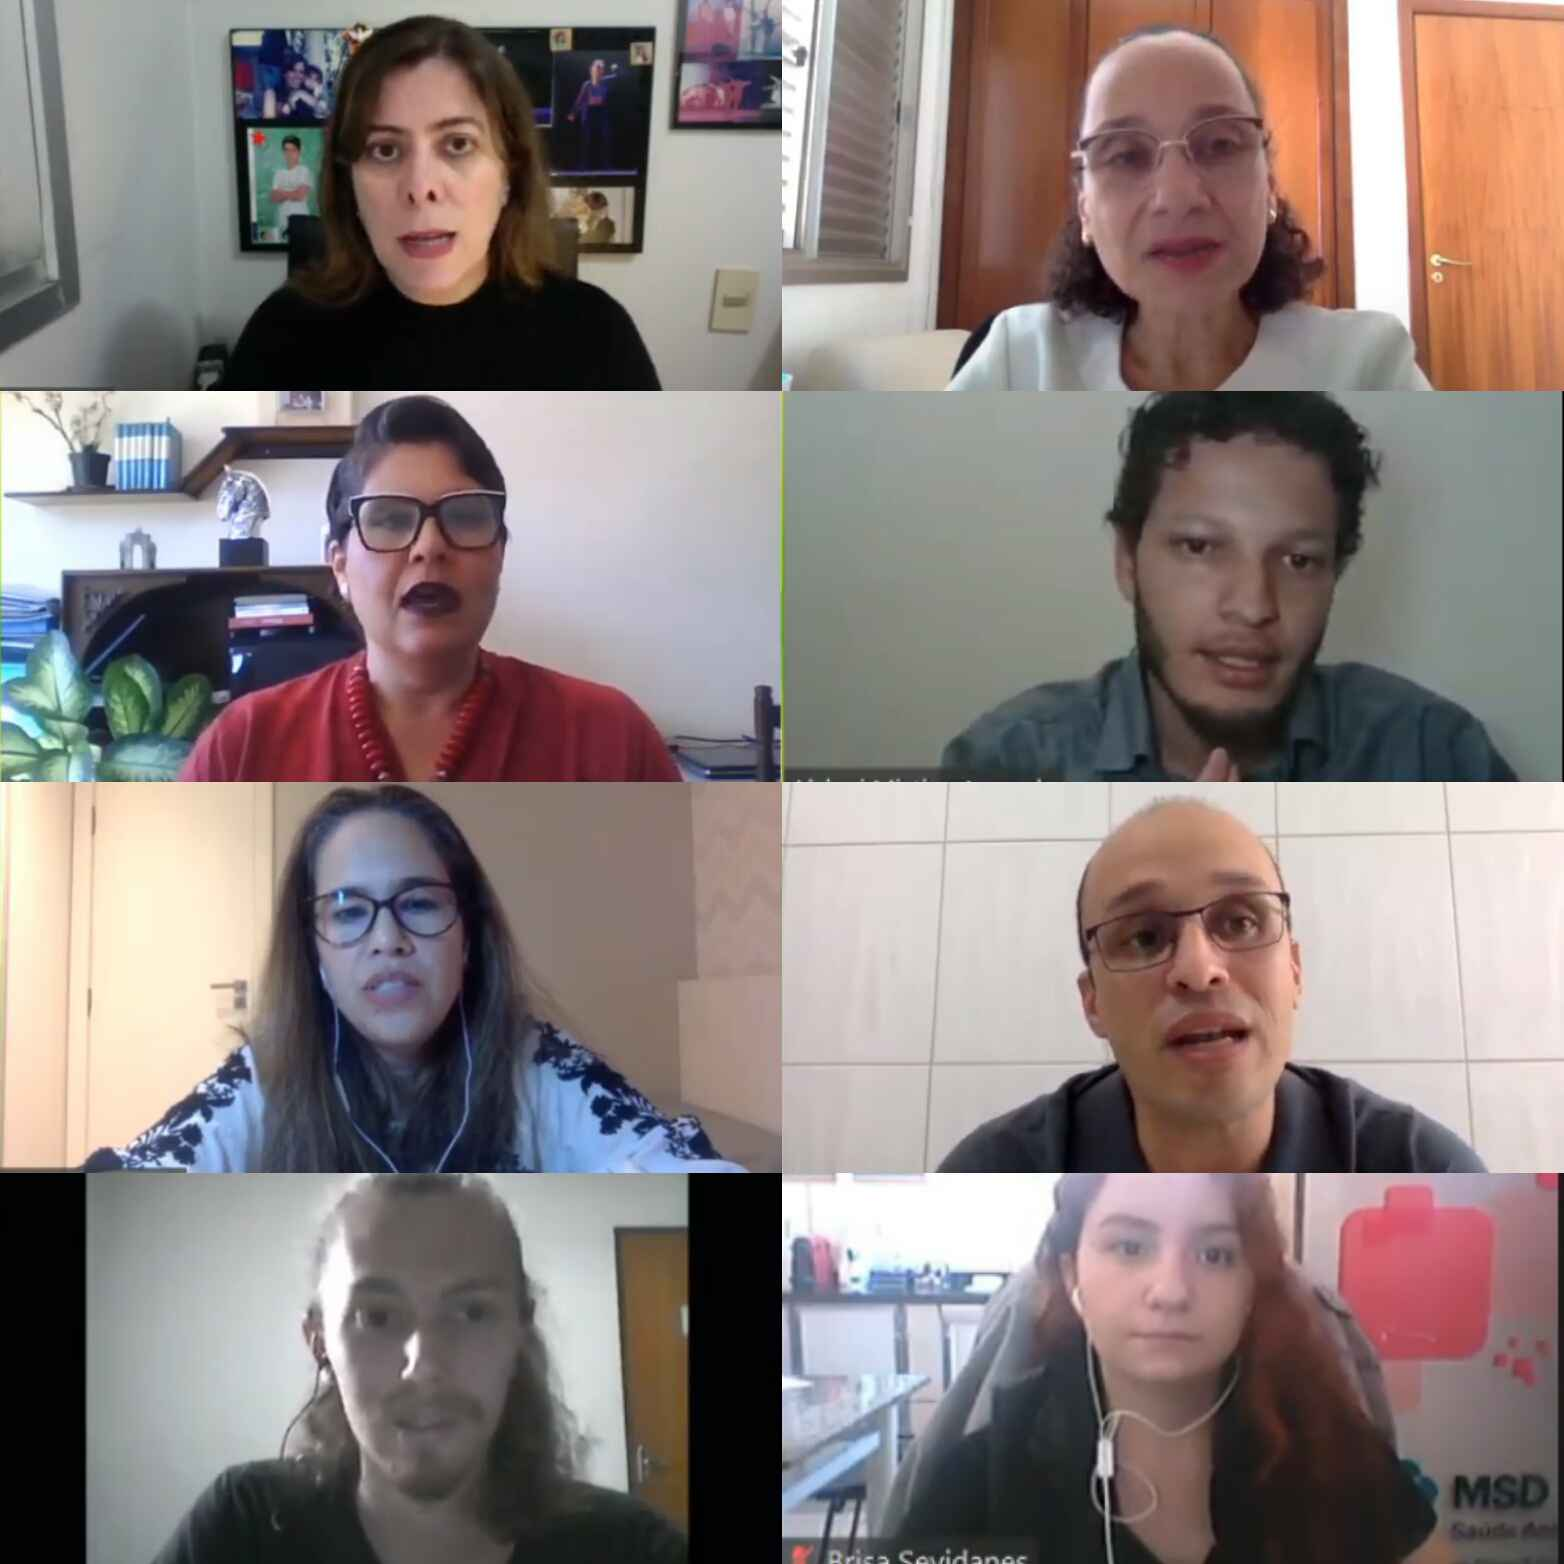 Evento on-line reuniu professores e estudantes de cursos sediados no ICA e na Escola de Veterinária